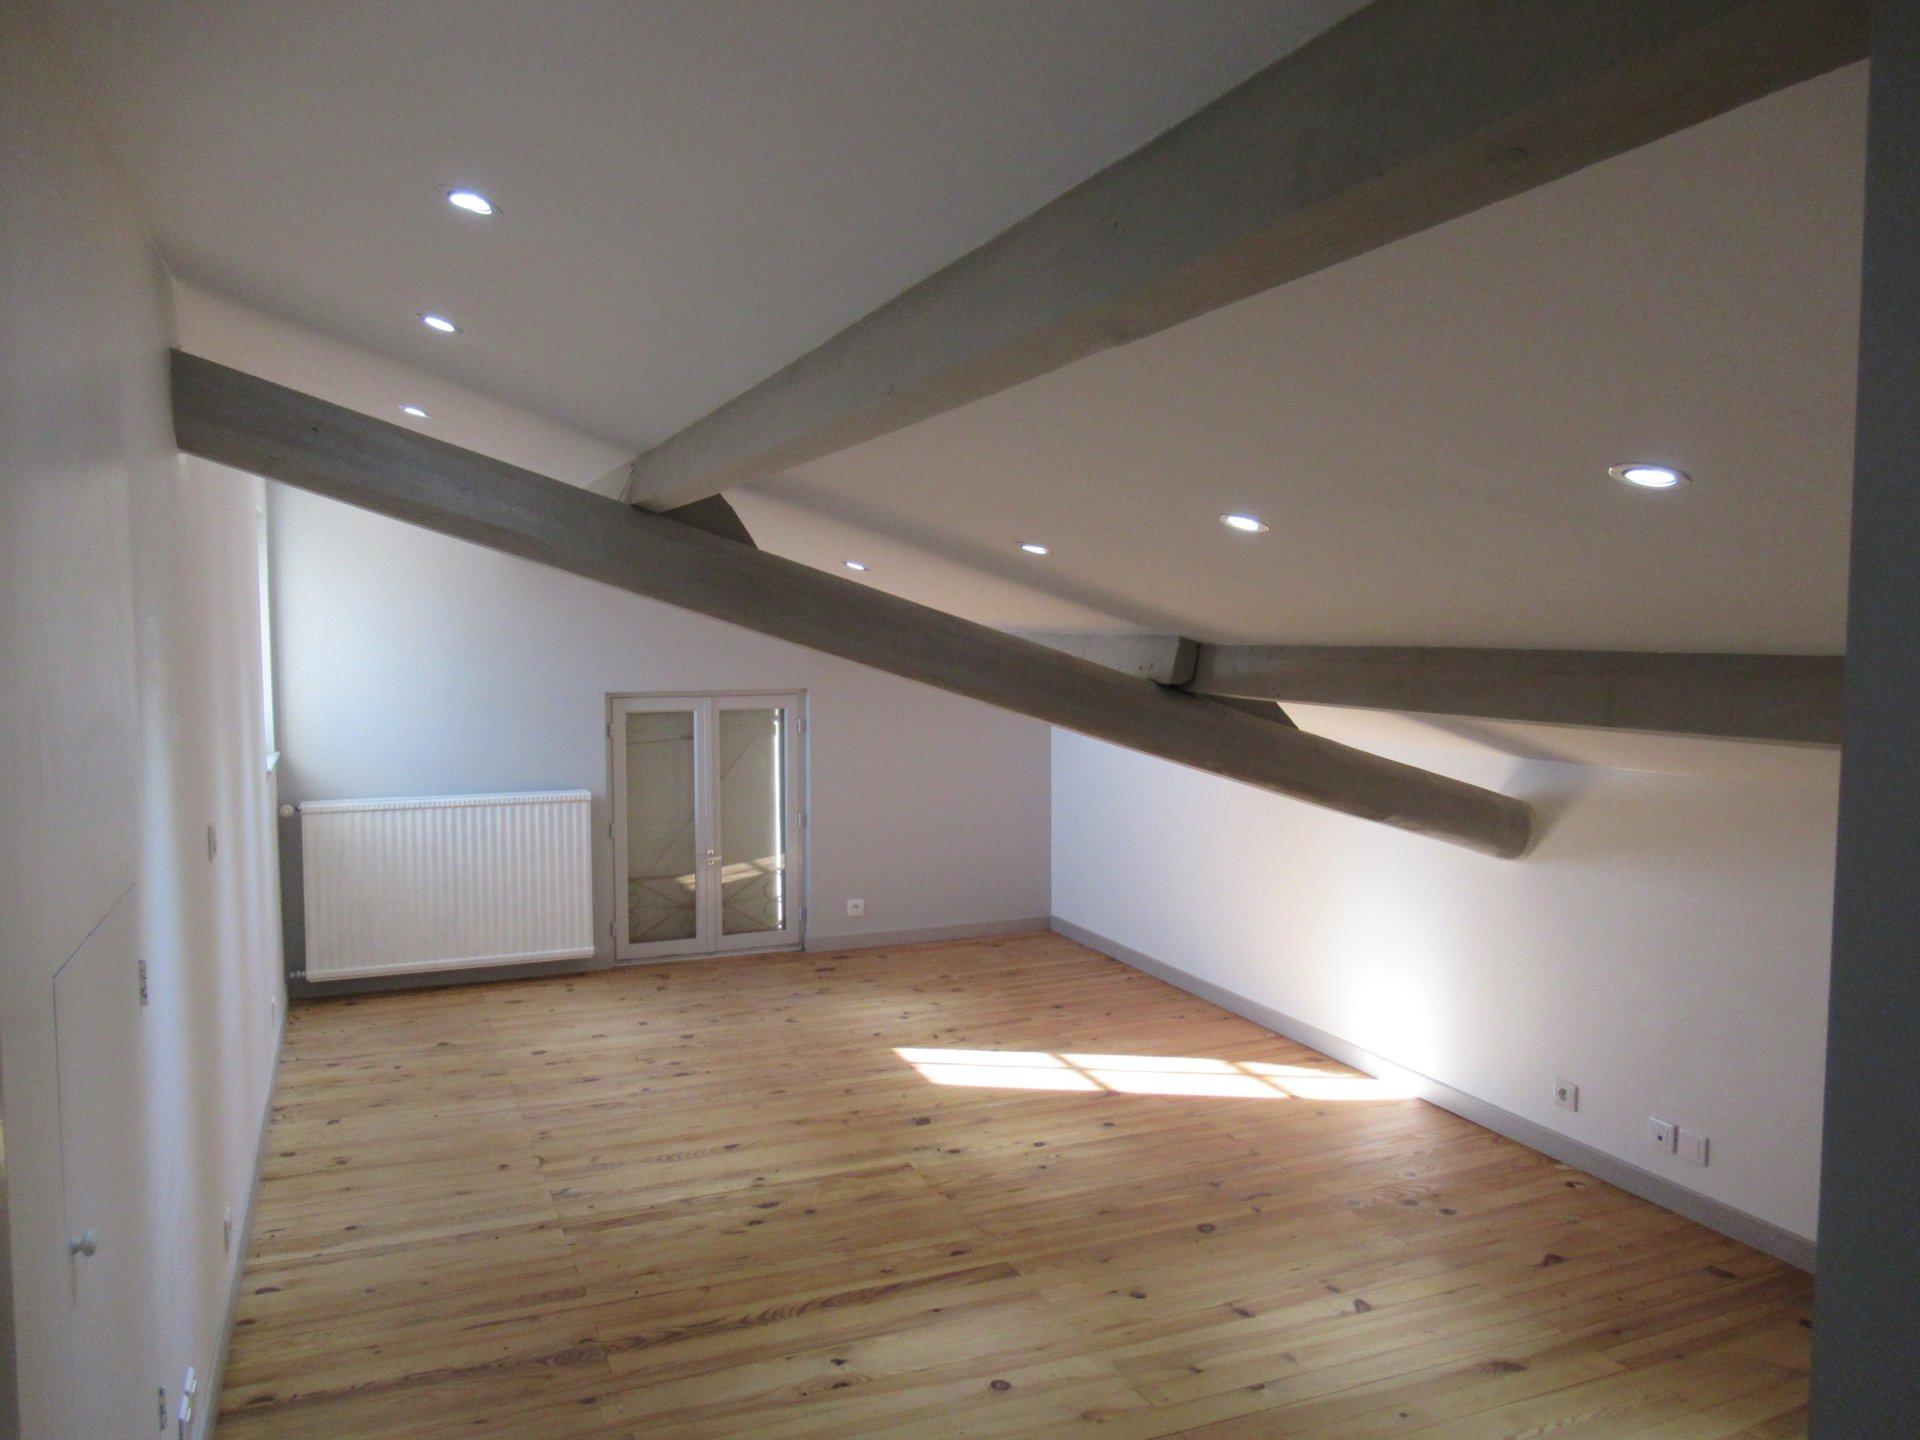 Villa ristrutturata di 6 camere e ampio seminterrato